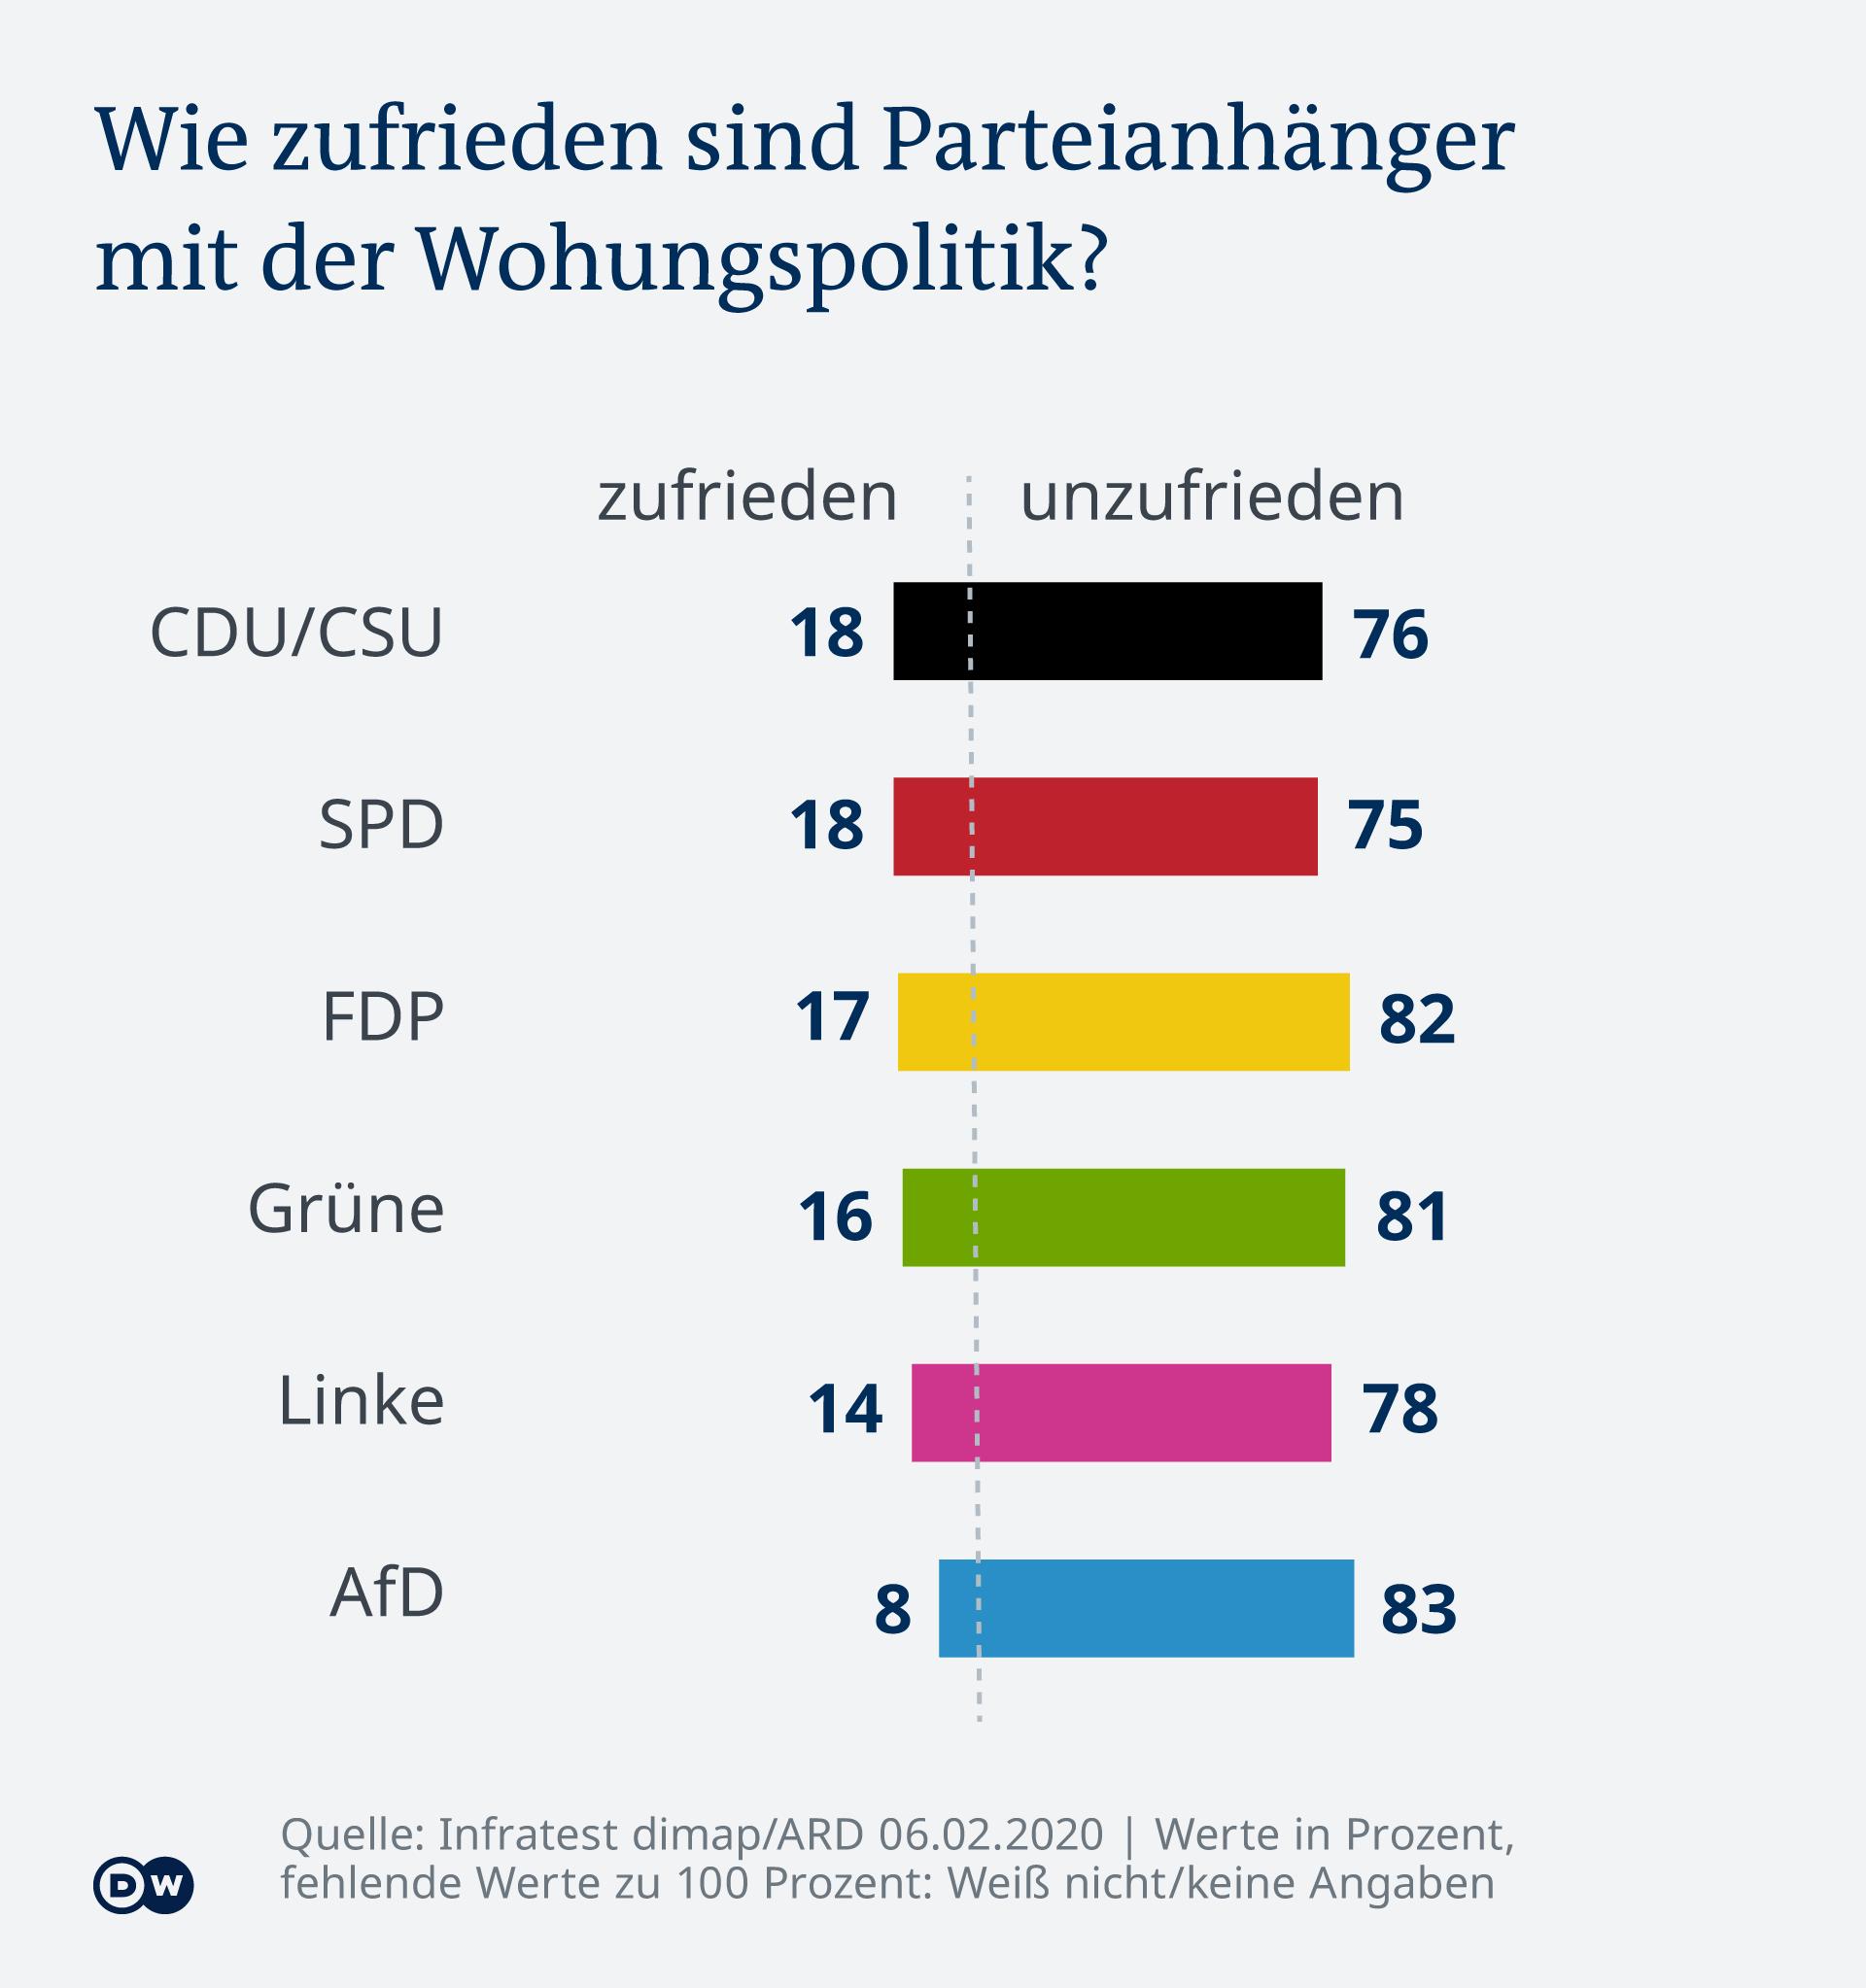 Infographie - Tendance en Allemagne: dans quelle mesure les partisans du parti sont-ils satisfaits de la politique du logement? - DE